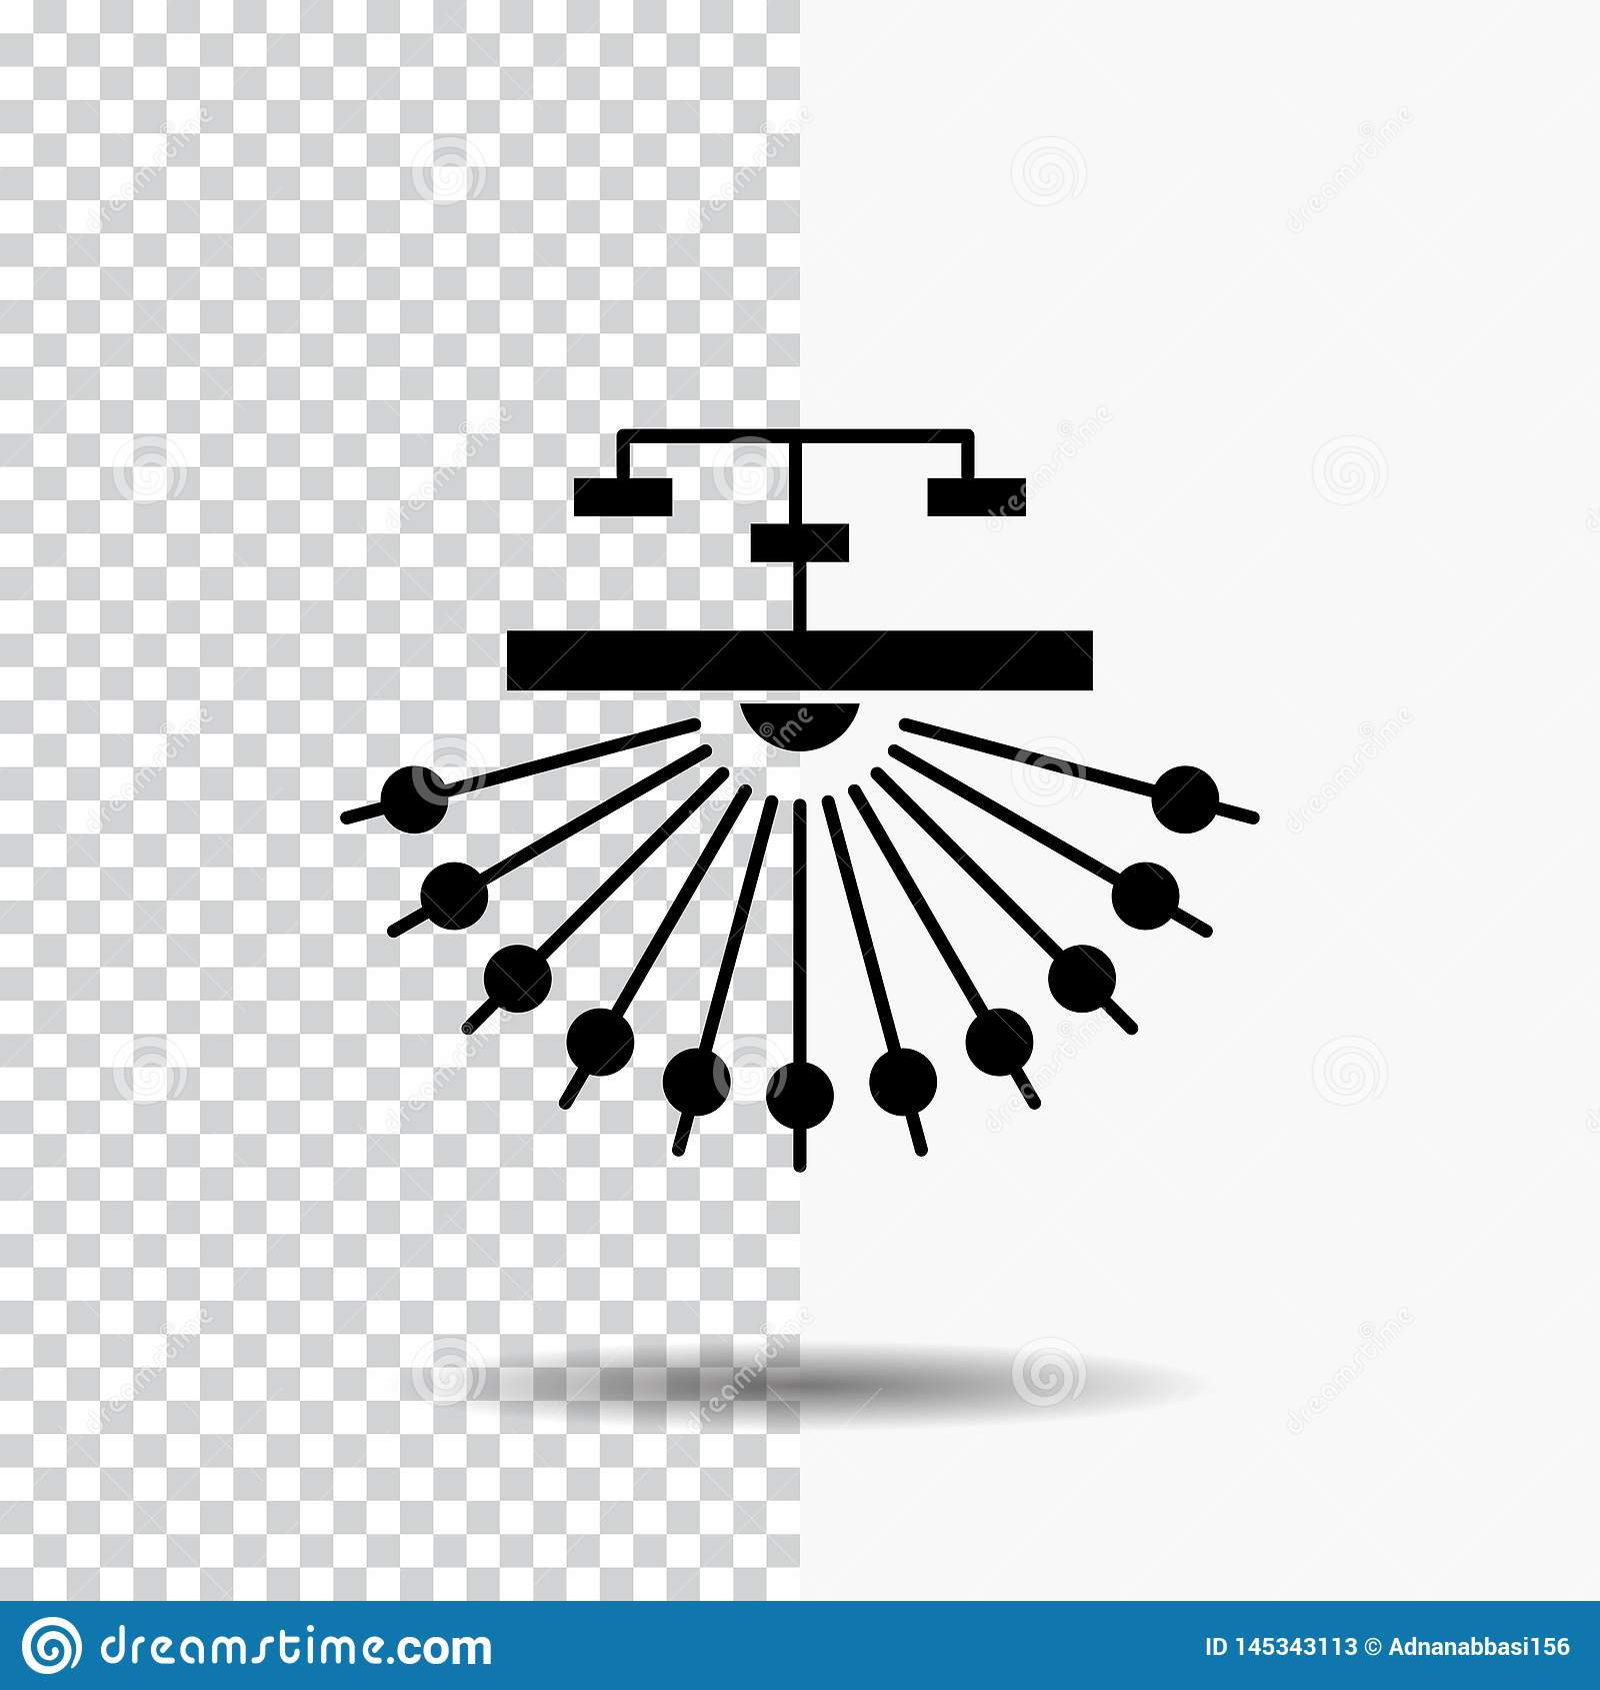 βελτιστοποίηση, περιοχή, περιοχή, δομή, εικονίδιο Glyph Ιστού στο διαφανές υπόβαθρο r